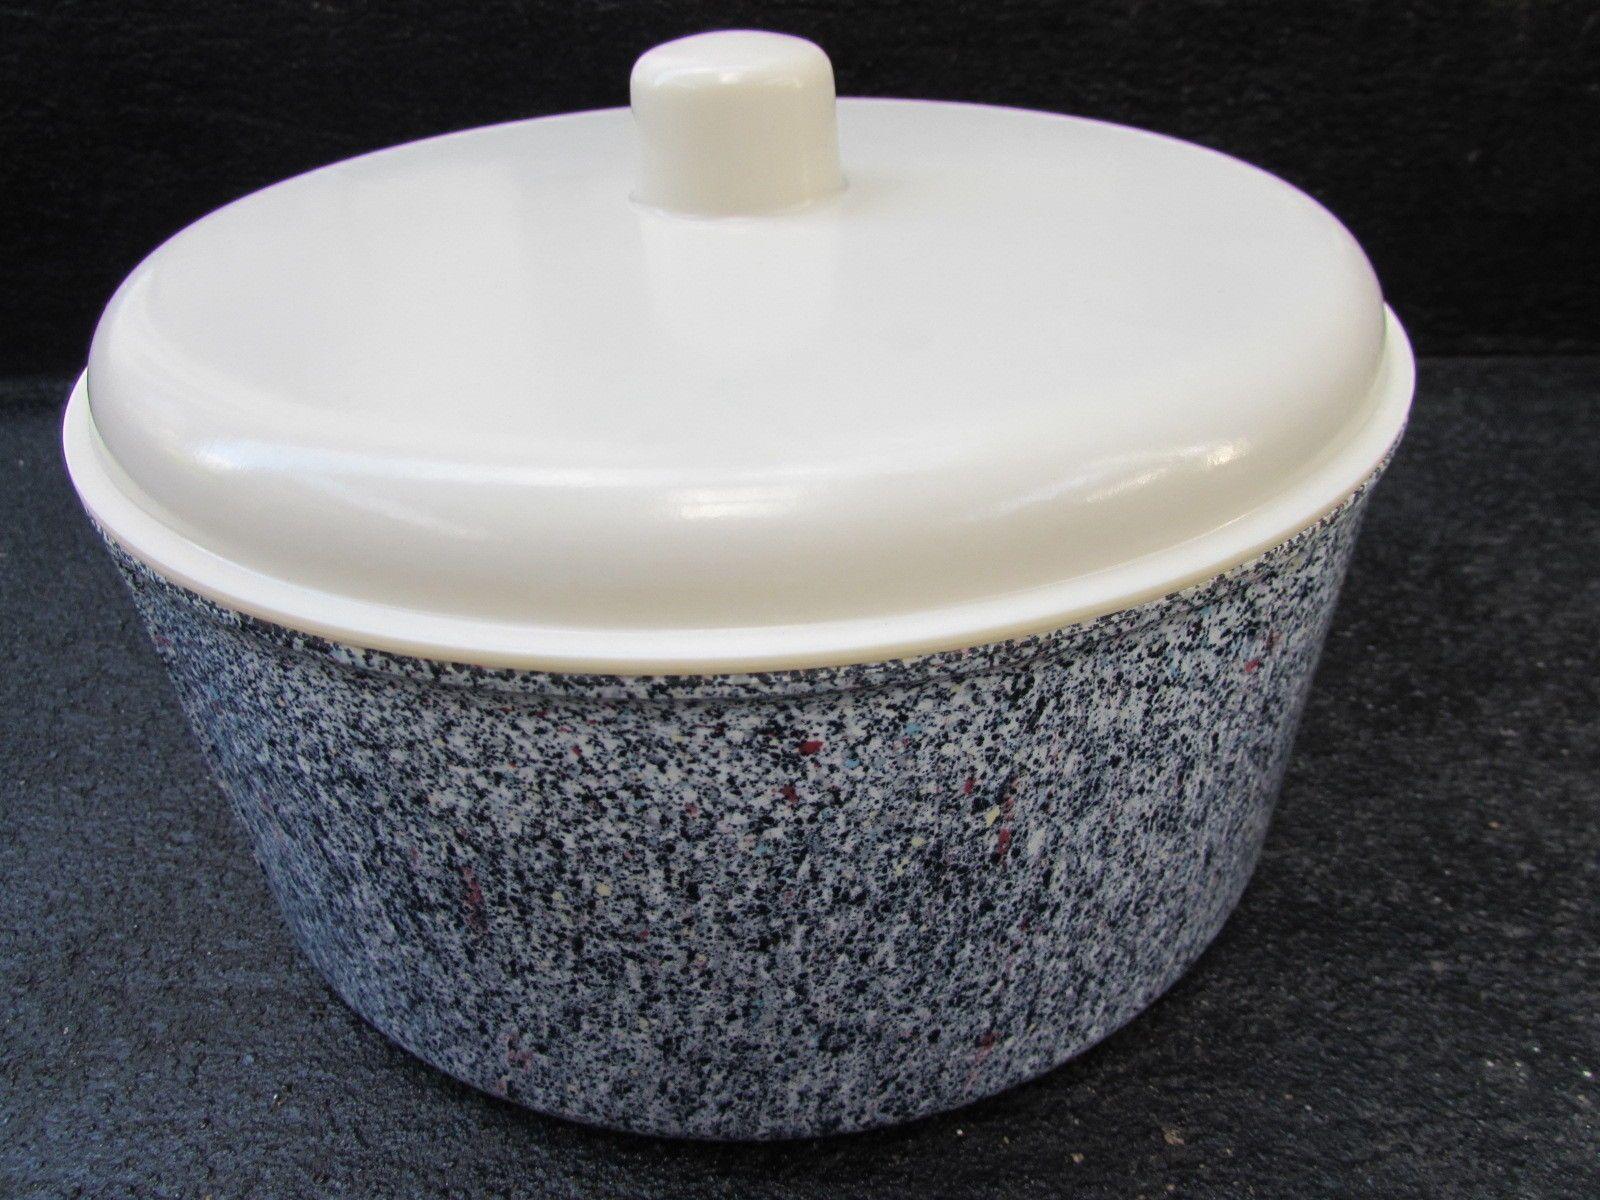 Vintage 1940s Rare EON Speckled BAKELITE Cake CANISTER TIN